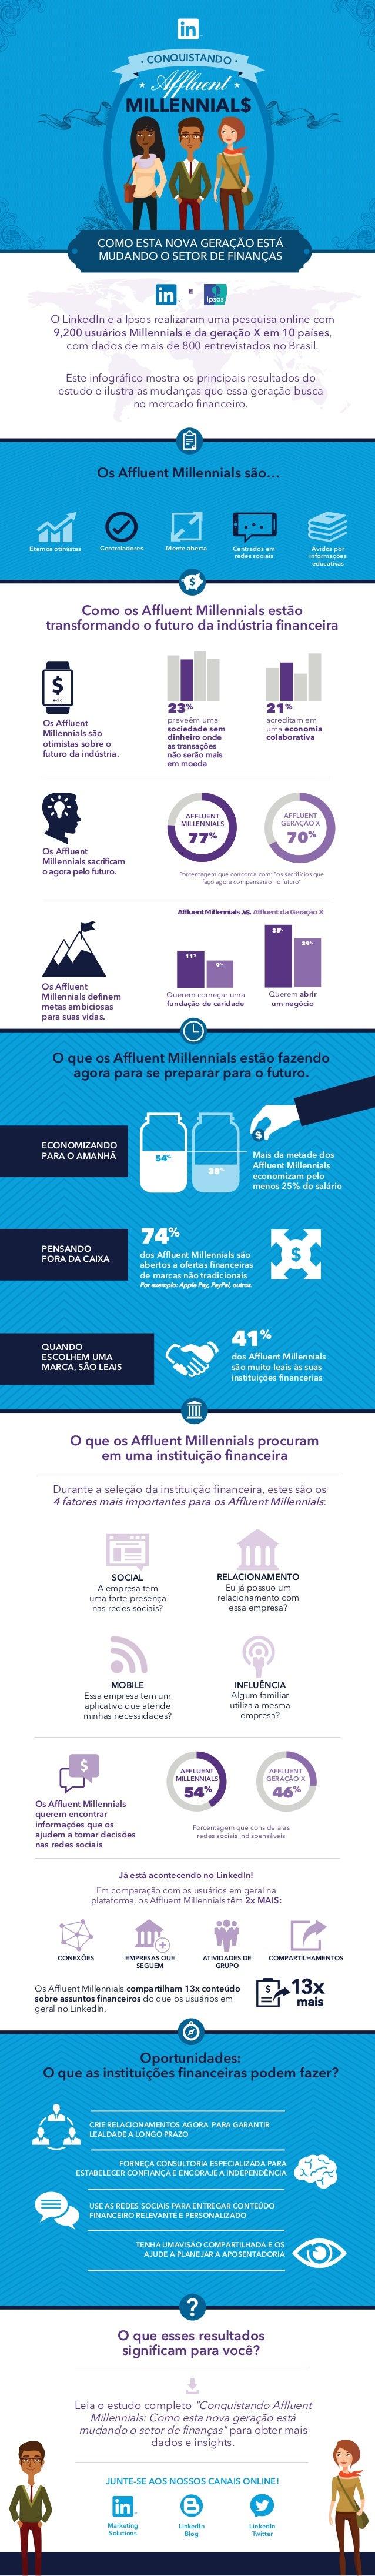 Os Affluent Millennials são otimistas sobre o futuro da indústria. Os Affluent Millennials sacrificam o agora pelo futuro. P...